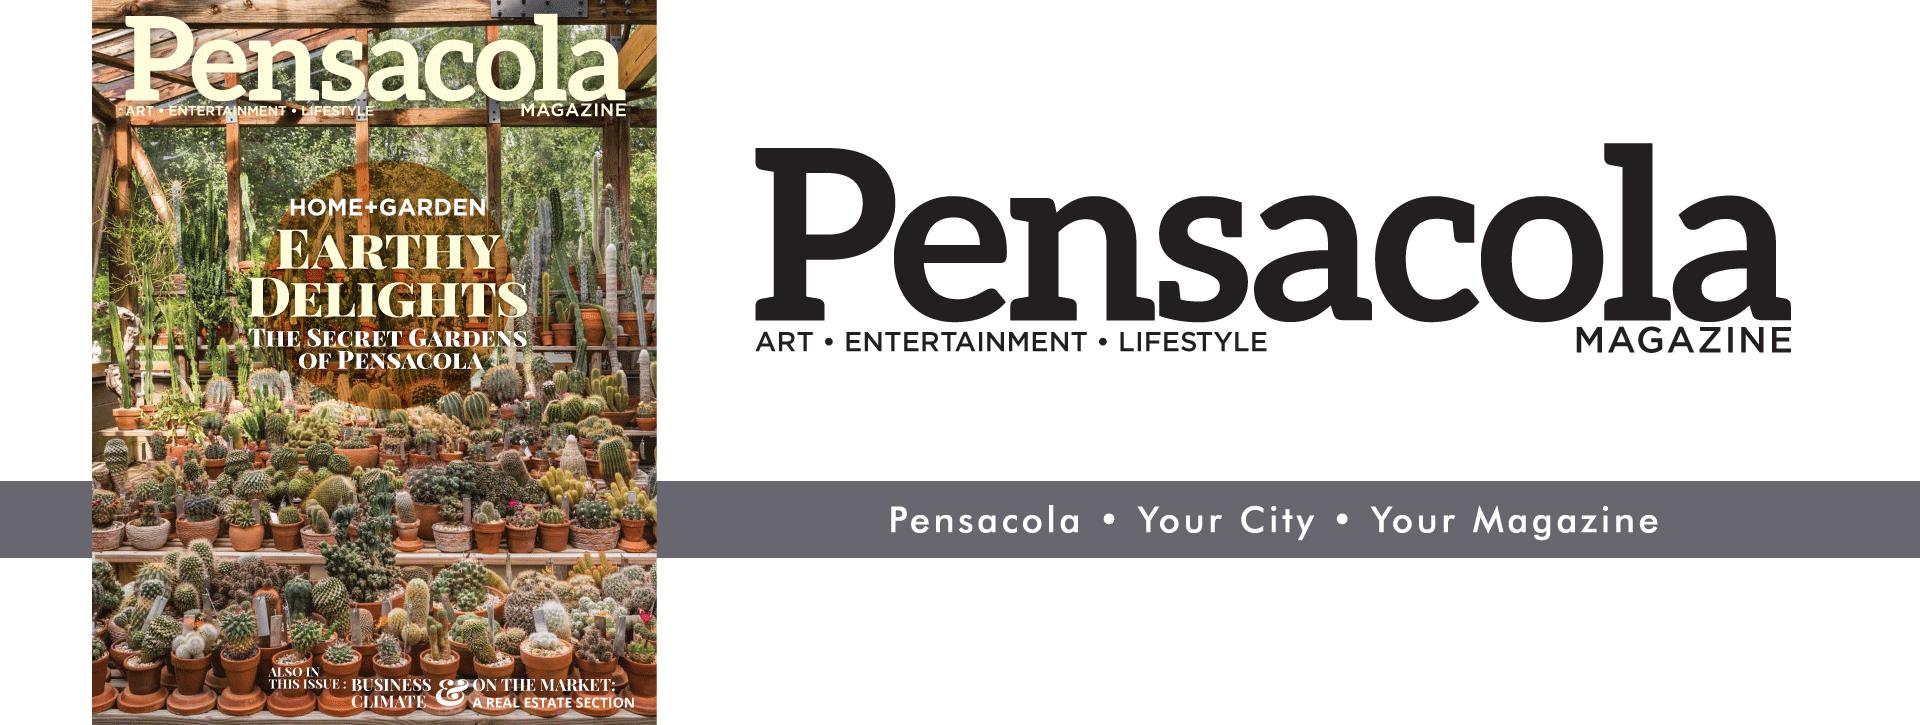 Pensacola Magazine, June 2018